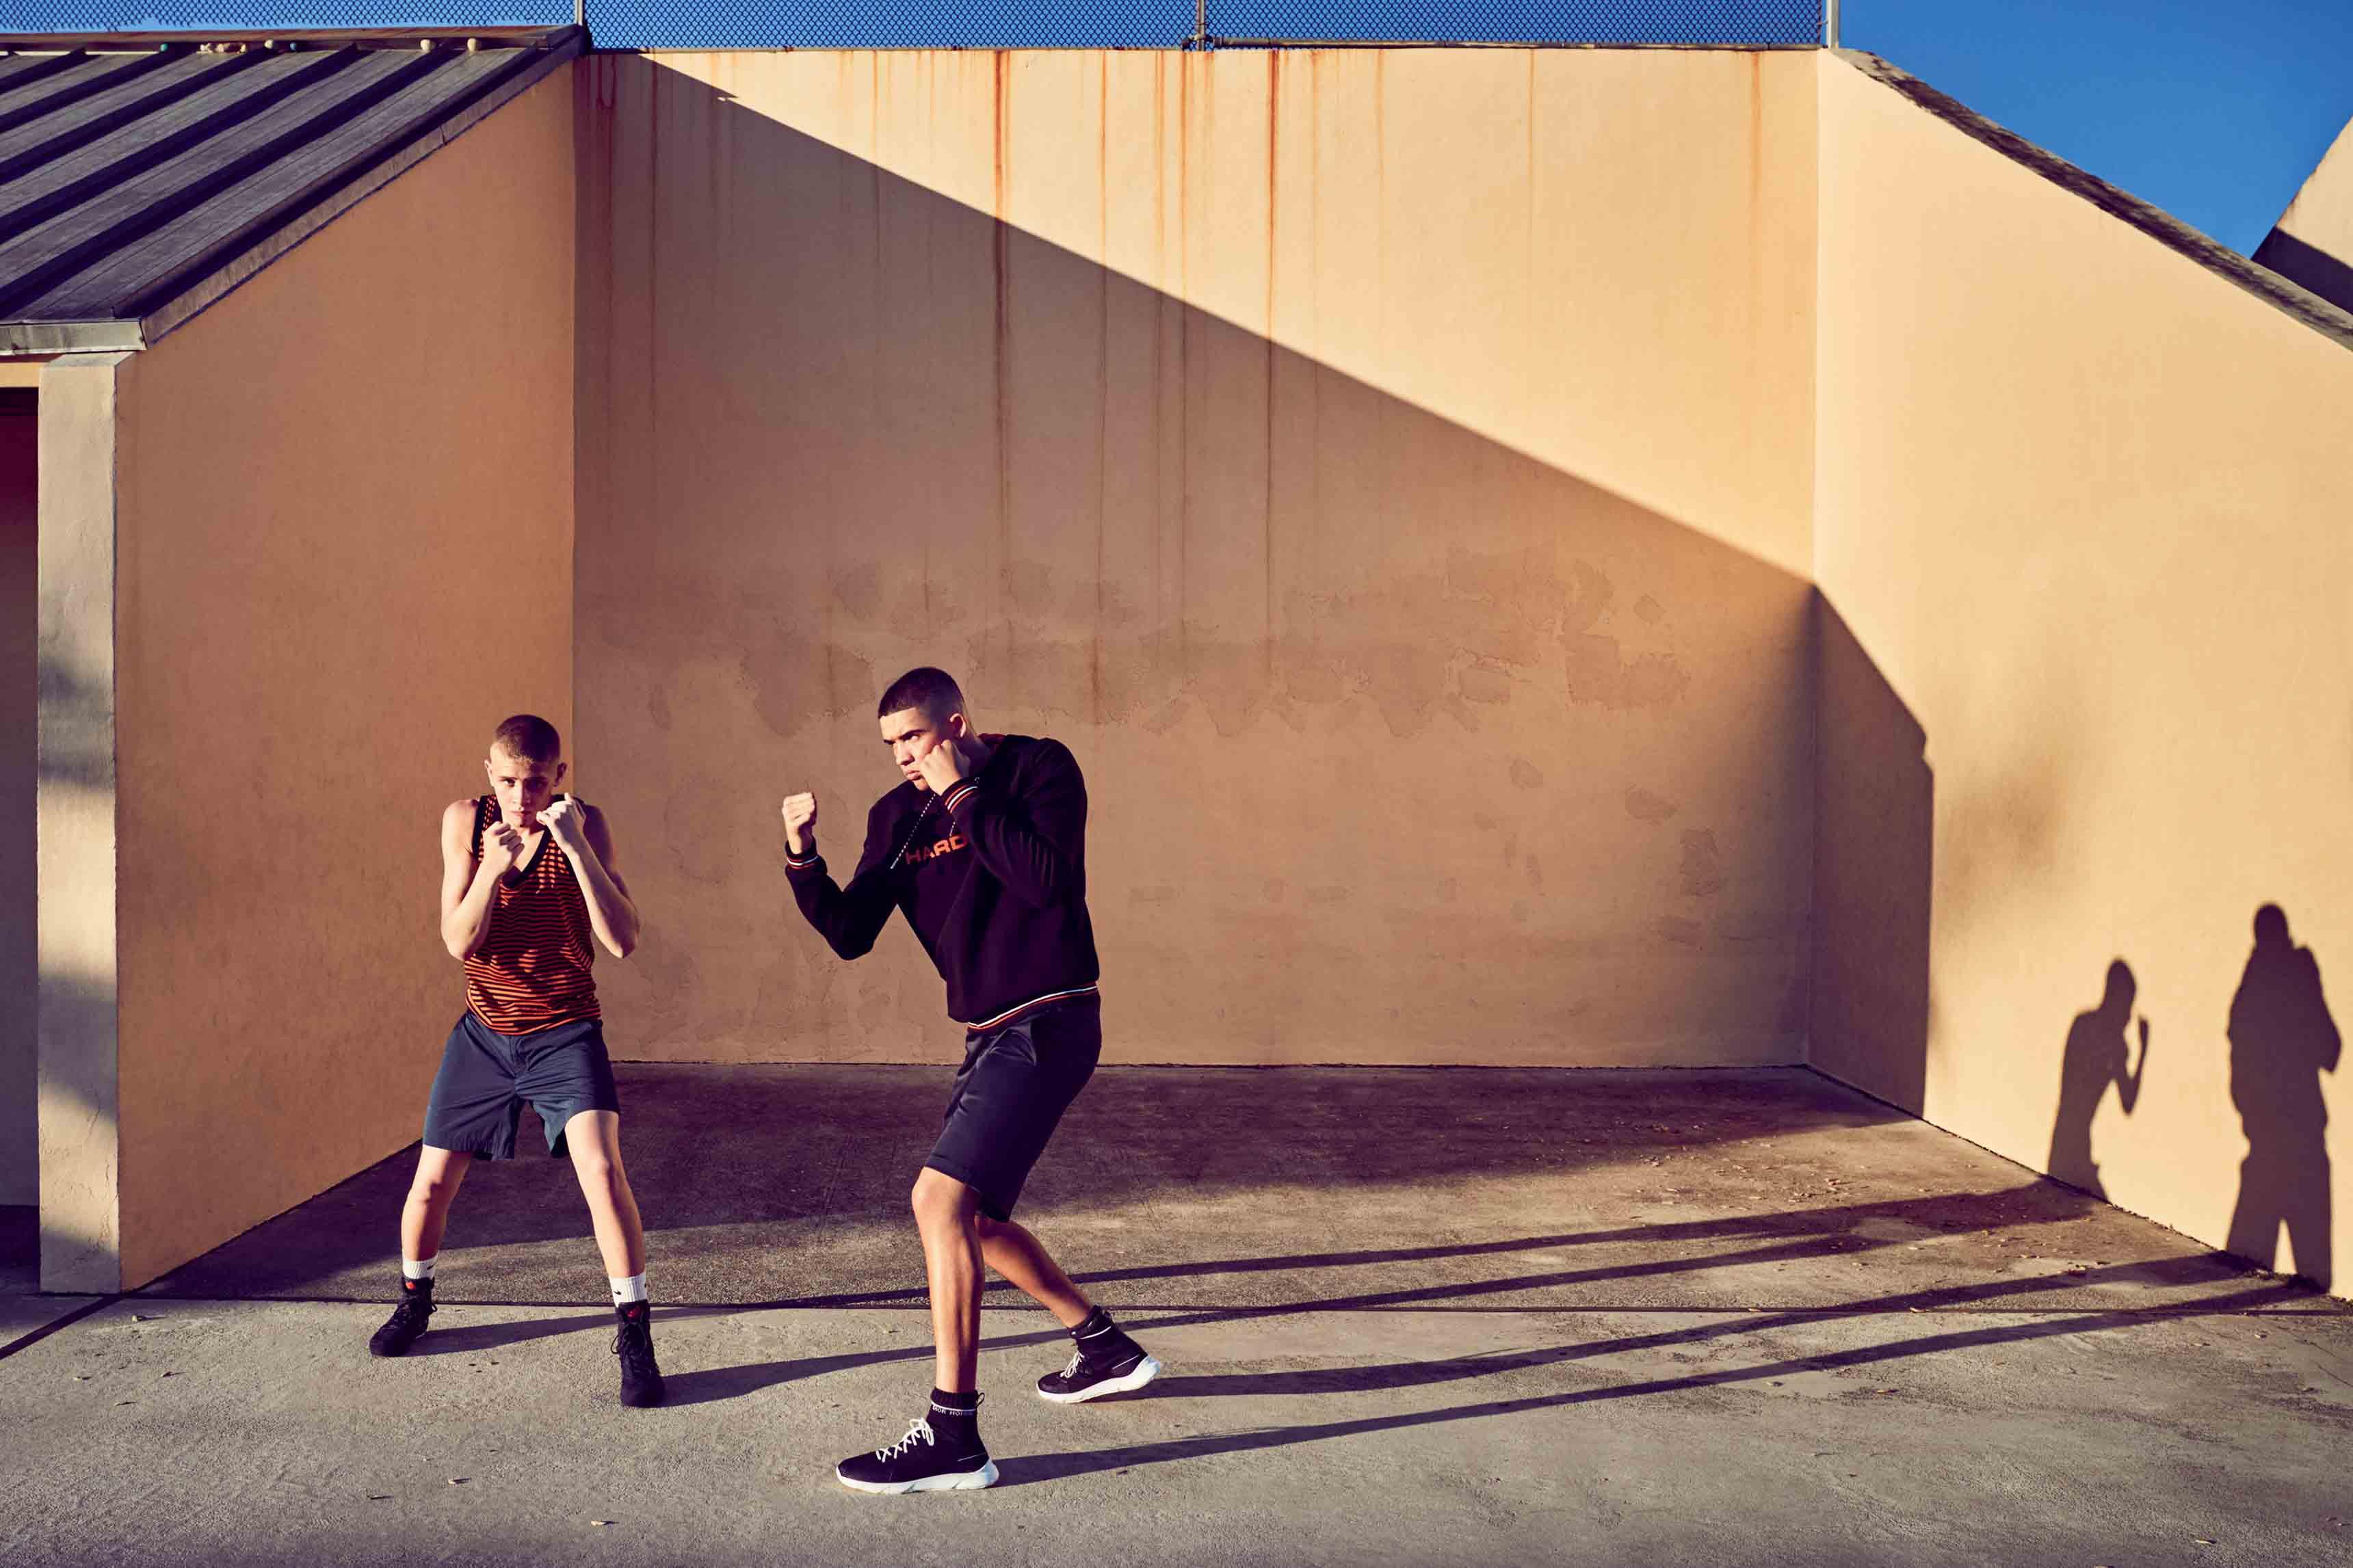 À gauche : débardeur en jersey de coton et bermuda en gabardine de coton, Dior Homme. Chaussettes, Nike. Sneakers, Adidas. À droite : sweat-shirt en jersey de coton, bermuda en satin de coton et sneakers, Dior Homme. Chaussettes, Nike.